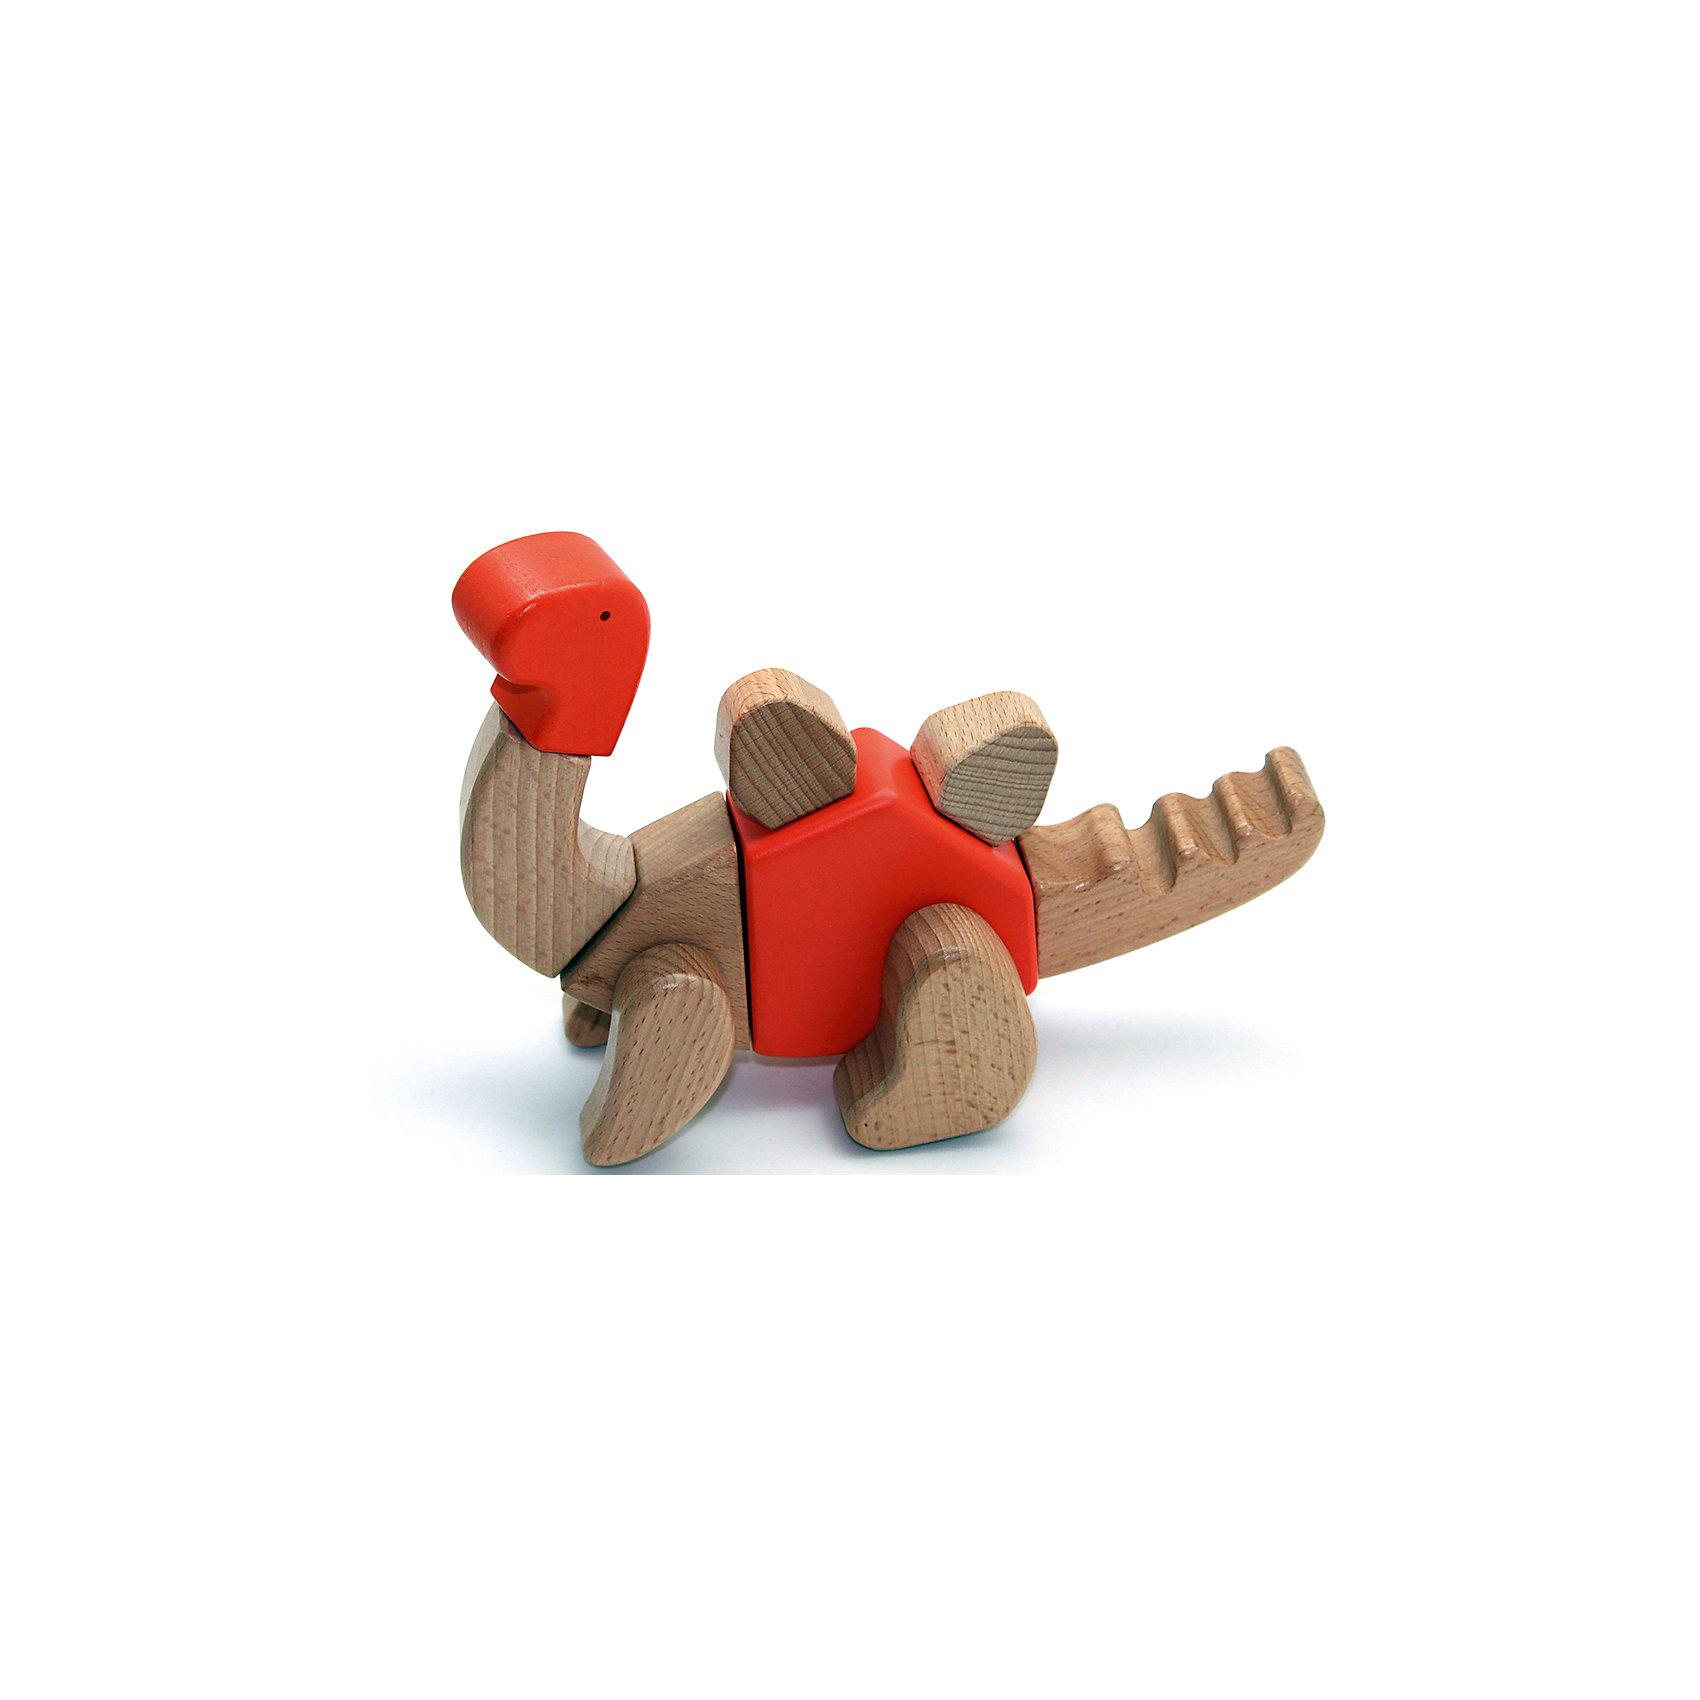 Деревянная игрушка Трицератопс, EQBДеревянные конструкторы<br>Деревянная игрушка Трицератопс, EQB – это деревянный конструктор, предназначенный для раннего развития малыша.<br>Конструктор EQB включает 16 крупных деревянных элементов, с помощью которых ребенок легко сможет собрать игрушку в виде Трицератопса с подвижными конечностями. Из деталей набора можно собрать 6 различных моделей динозавров. Главная особенность конструктора - оригинальное крепление clicknturn 360. Это крепление позволяет легко соединять детали и вращать их на 360 градусов. Детали изготовлены из твердых пород древесины, окрашены натуральными красителями, вручную и обработаны растительными маслами для создания ровной и гладкой поверхности. Конструктор полностью безопасен для детей. Тренирует усидчивость, мелкую моторику руку и развивает навыки конструирования с раннего детства. В комплект входит текстильный мешочек, затягивающийся сверху на кулиску, в котором удобно хранить конструктор. Собрав, коллекцию из трех динозавров ребенку будет доступно 30 моделей для сборки.<br><br>Дополнительная информация:<br><br>- В наборе: 16 деталей, мешочек, 30 карточек с изображениями различных собранных динозавров, инструкция<br>- Материал: древесина<br>- Размер готовой игрушки: 7 х 22 х 12 см.<br>- Размер упаковки: 12,5 x 25,5 x 6,5 см.<br>- Вес: 400 гр.<br><br>Деревянную игрушку Трицератопс, EQB можно купить в нашем интернет-магазине.<br><br>Ширина мм: 125<br>Глубина мм: 255<br>Высота мм: 65<br>Вес г: 400<br>Возраст от месяцев: 36<br>Возраст до месяцев: 96<br>Пол: Унисекс<br>Возраст: Детский<br>SKU: 4387471